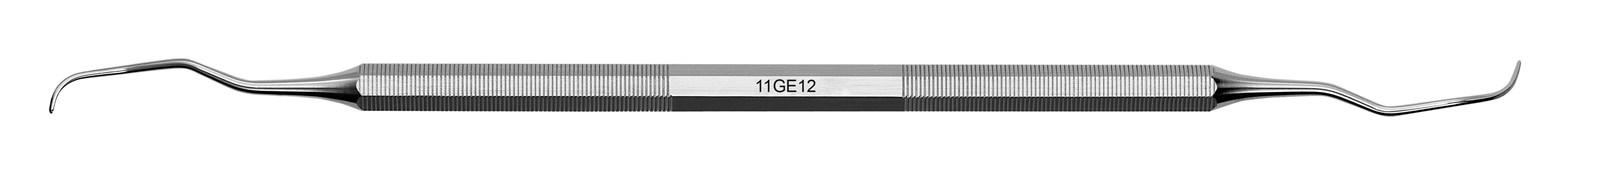 Kyreta Gracey Classic - 11GE12, ADEP silikonový návlek růžový